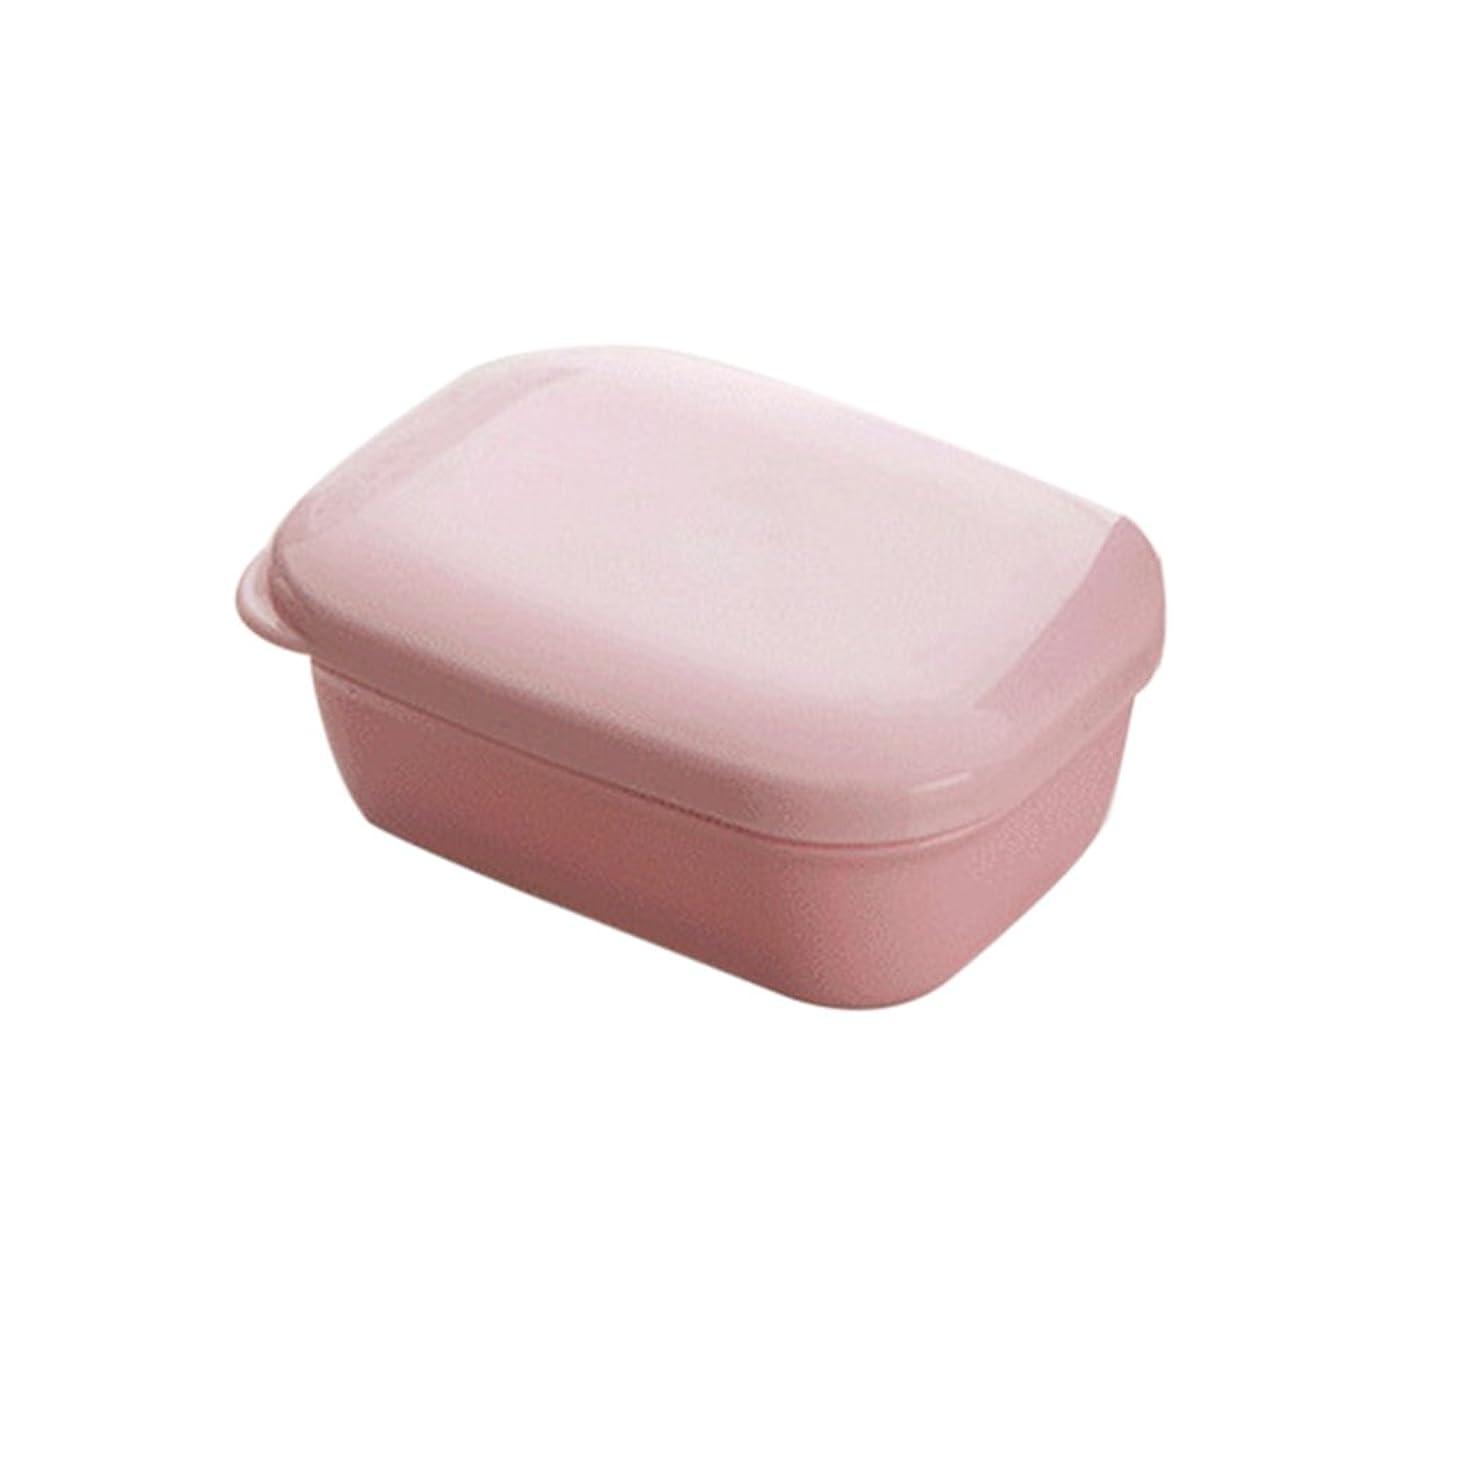 レール神経障害滝BESTOMZ 石鹸ケース 石鹸置き ソープディッシュ 旅行用 携帯 ふた付け(ピンク)